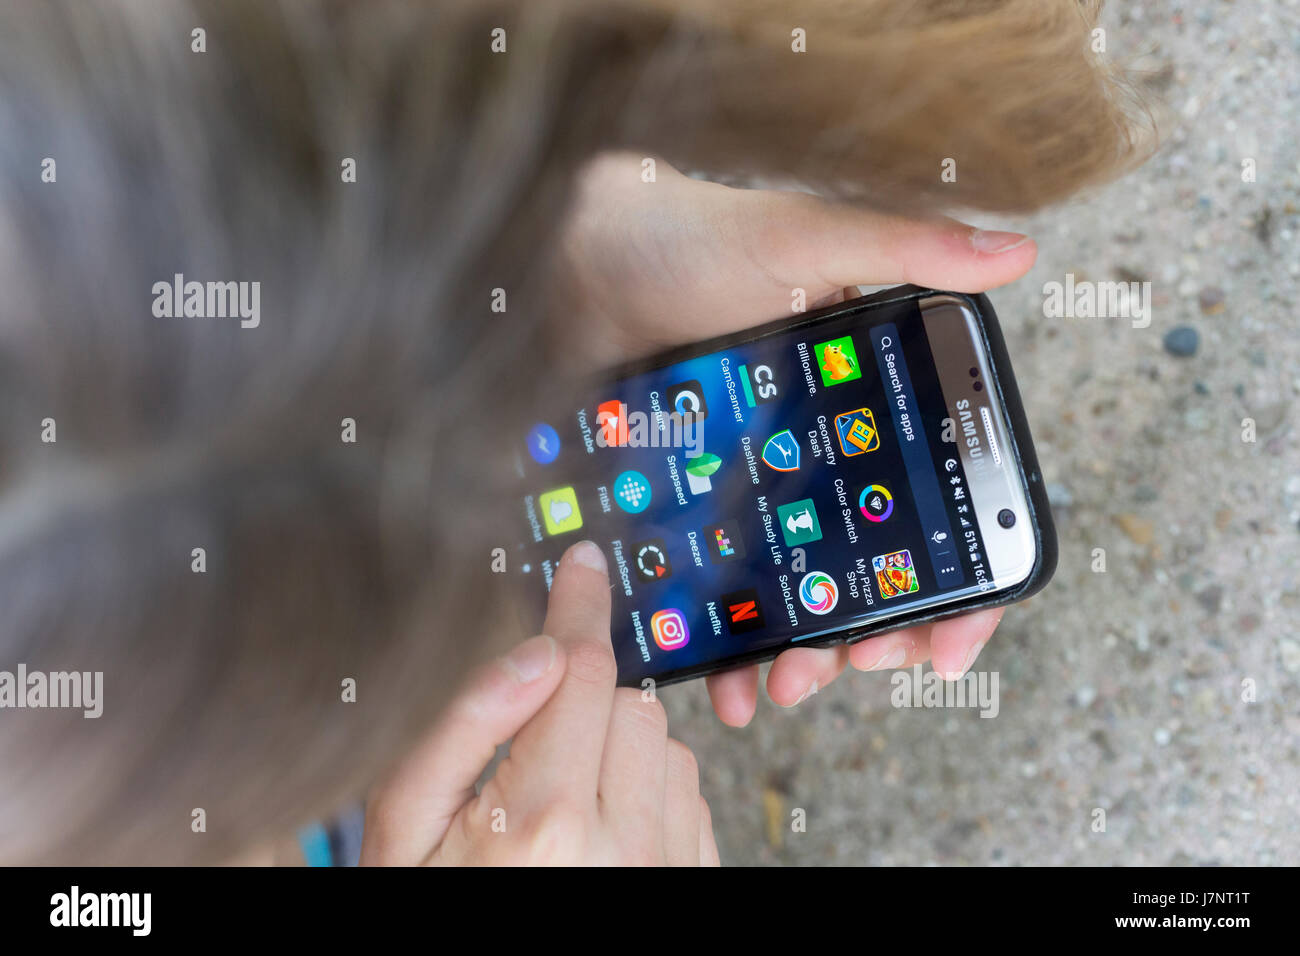 Una niña utilizando la pantalla táctil del teléfono móvil / smartphone apps Imagen De Stock